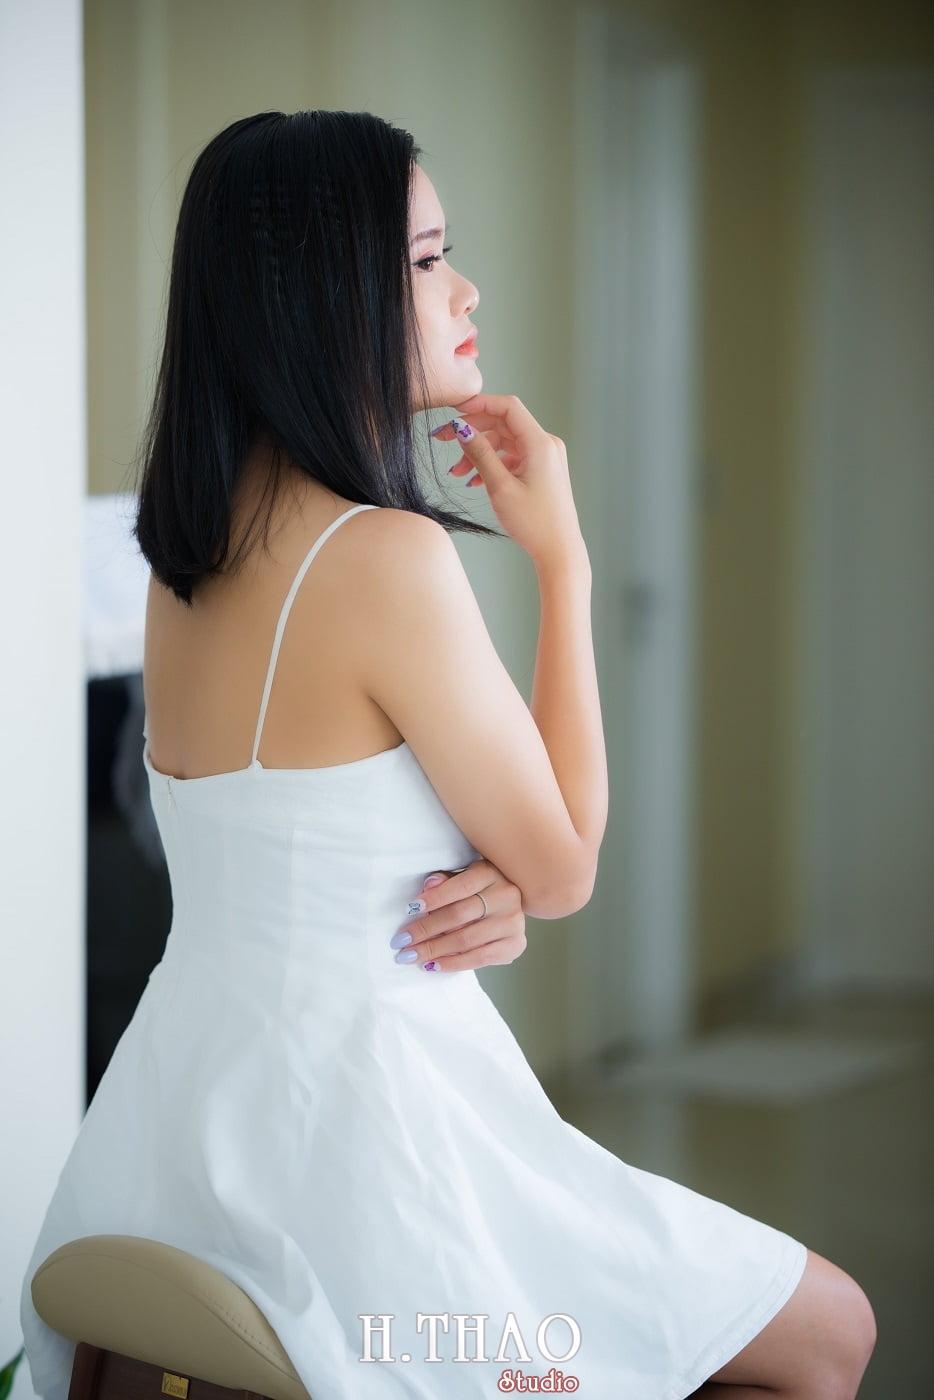 Anh chi Ngoc 87 min - Góc ảnh chụp indoor đơn giản mà đẹp – HThao Studio